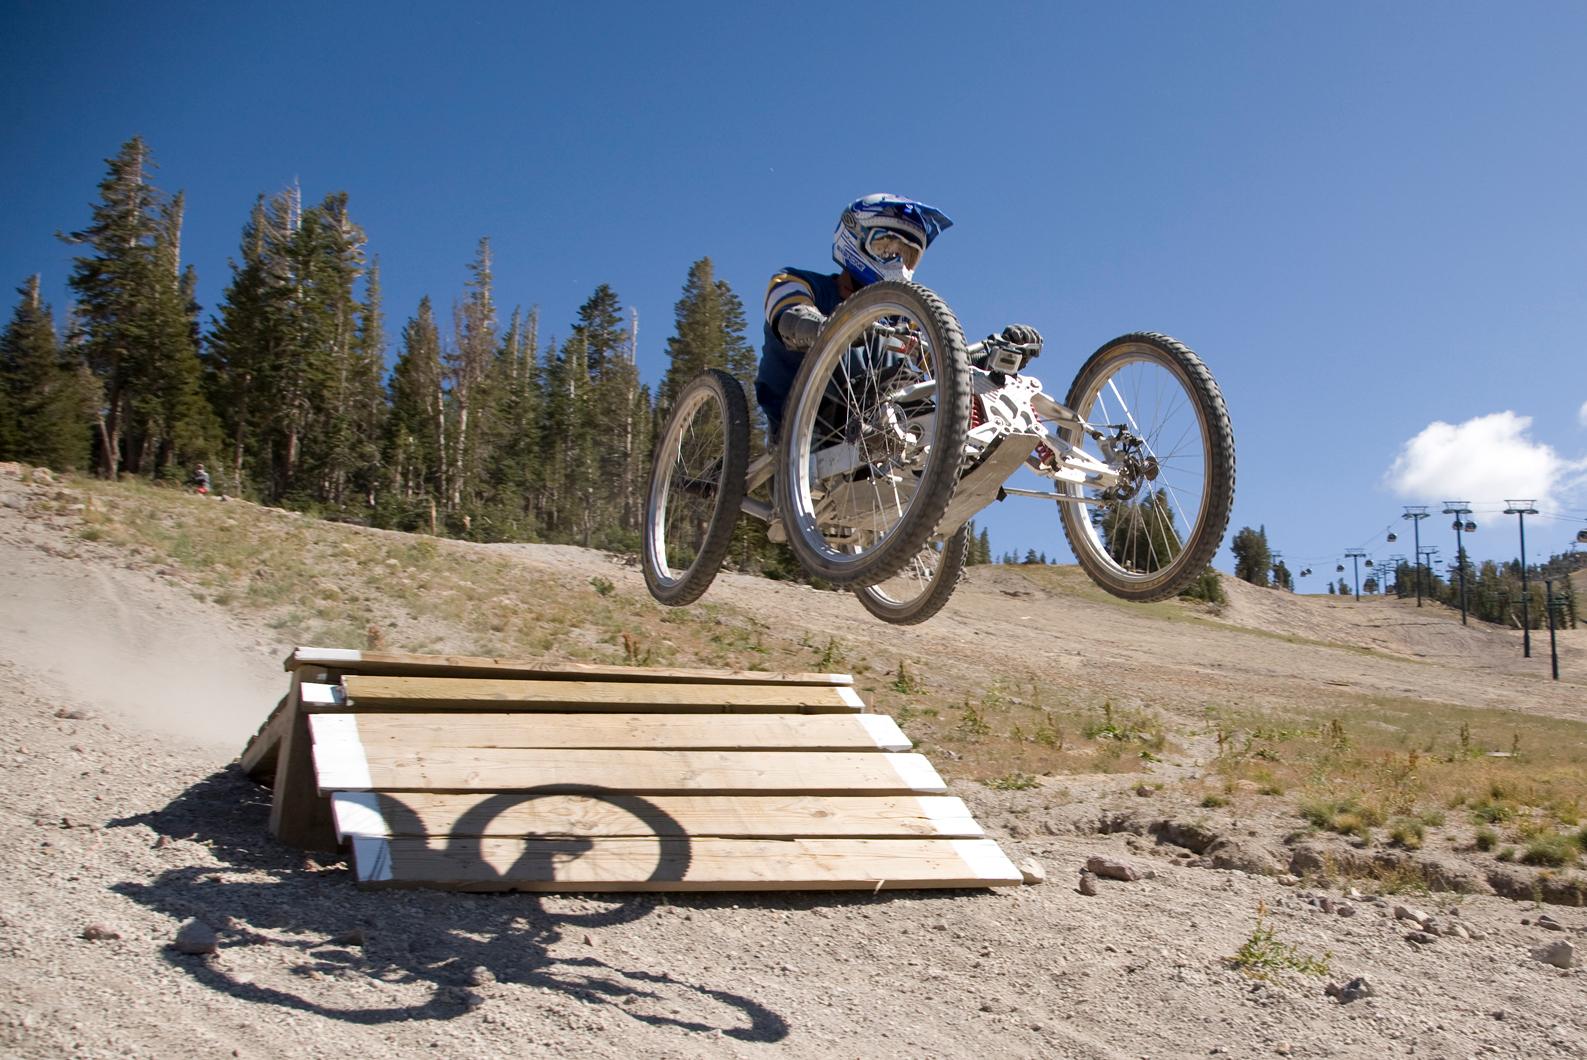 Launching to new heights. Bike #2